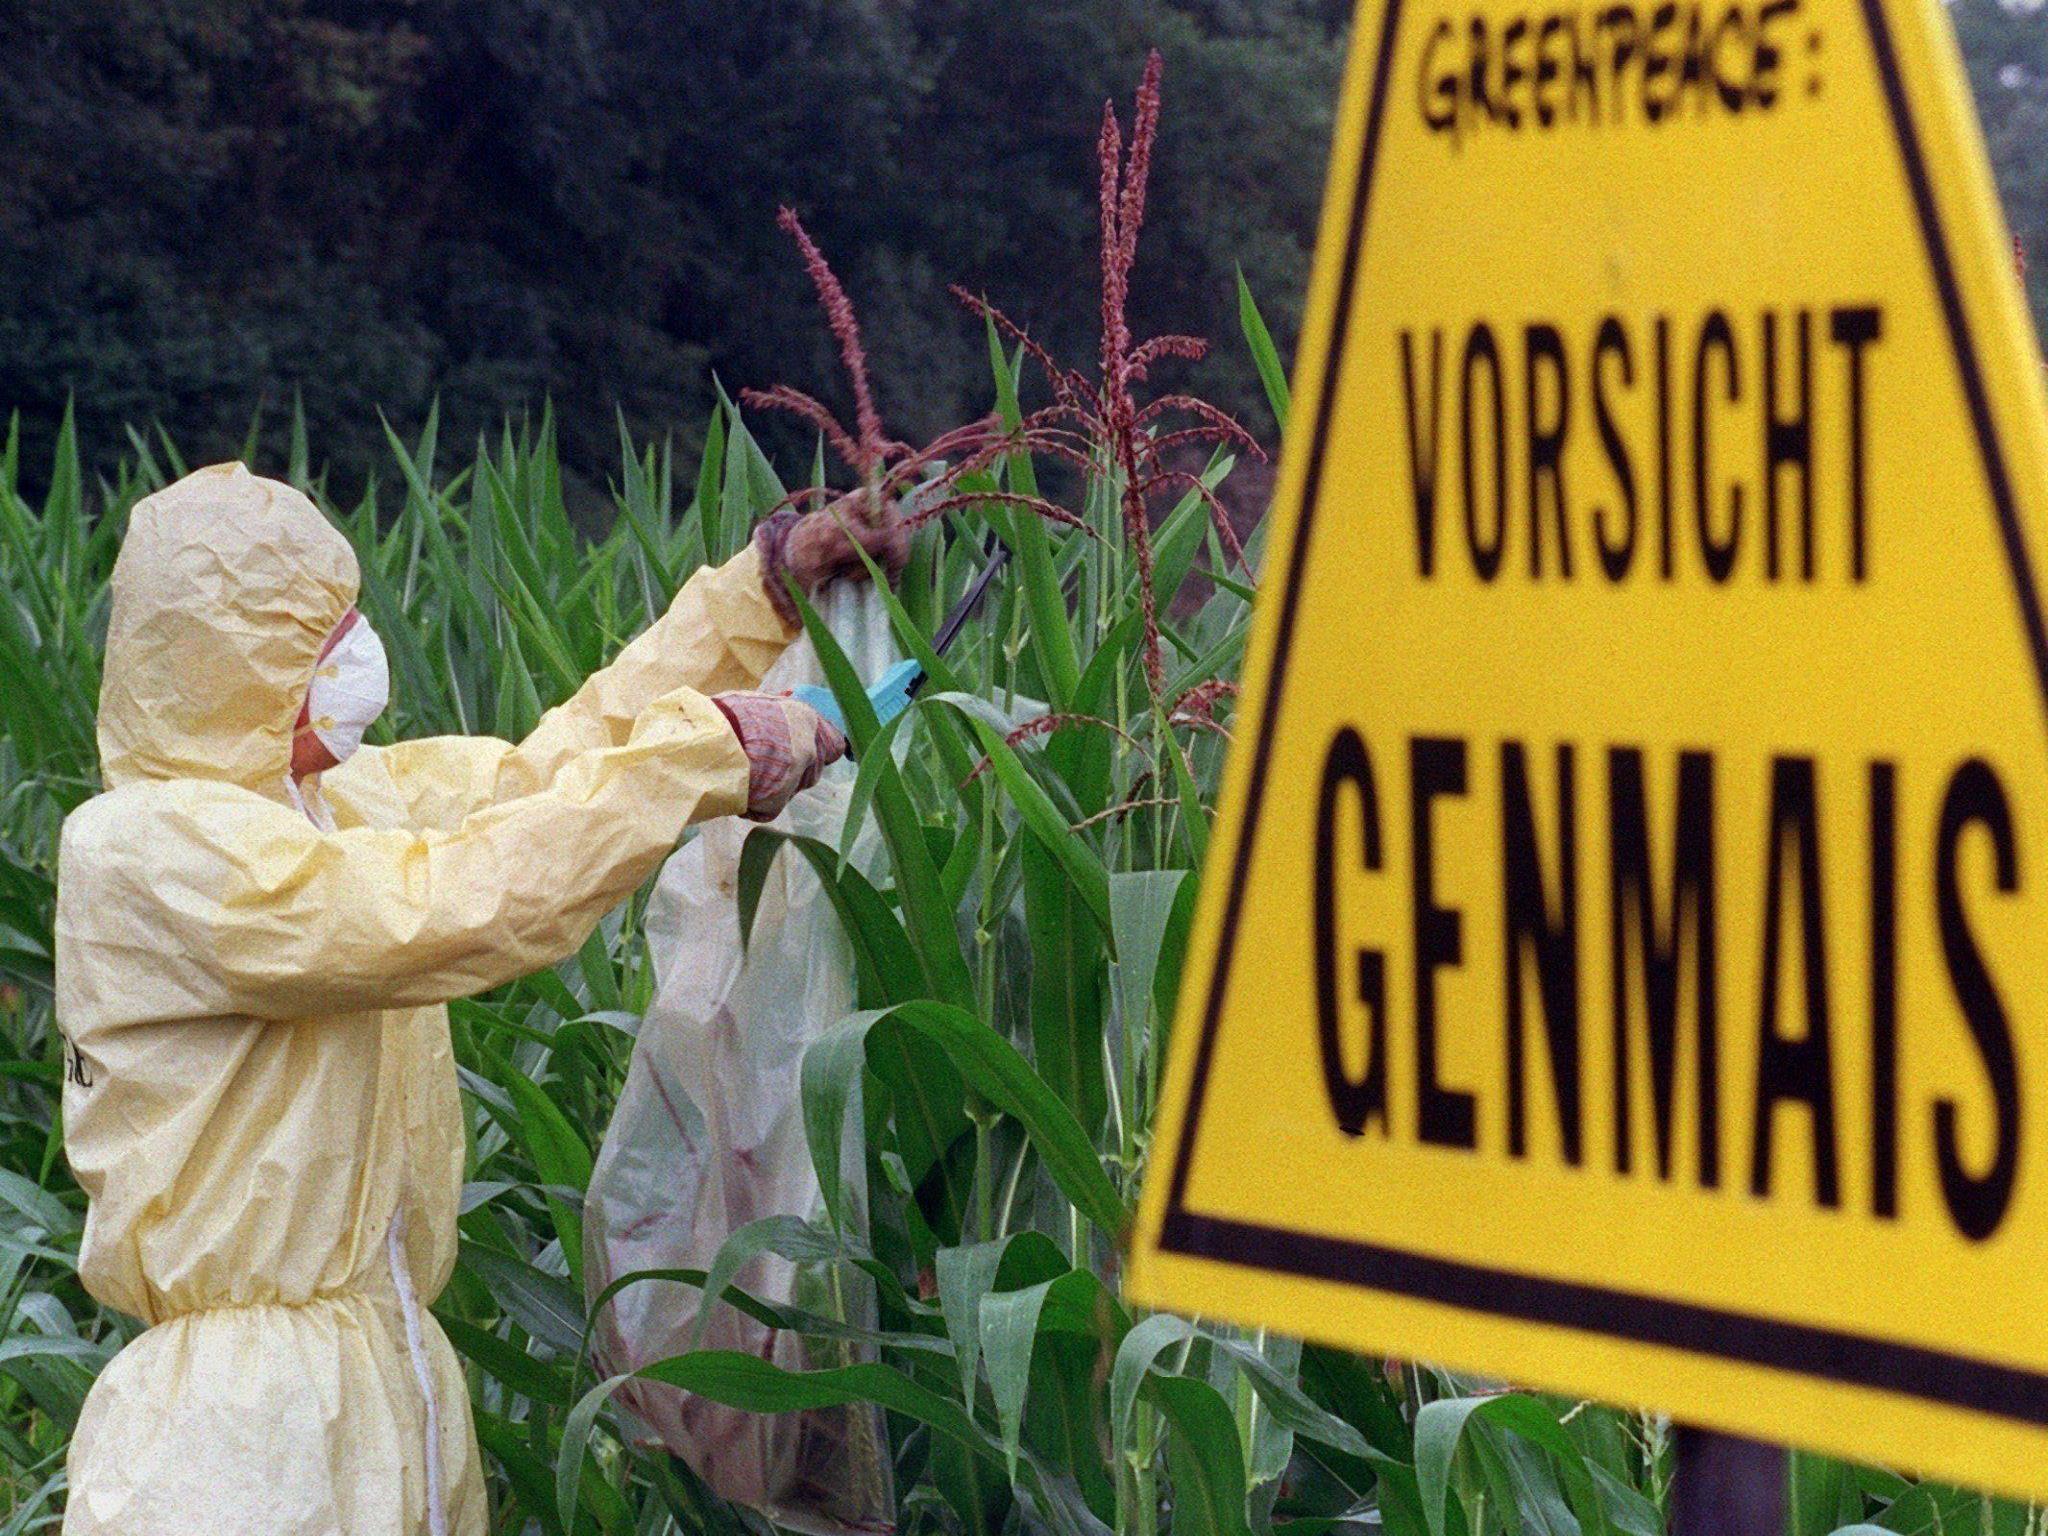 ÖSterreich könnte den Anbau von gentechnisch manipulierten Pflanzen verbieten.